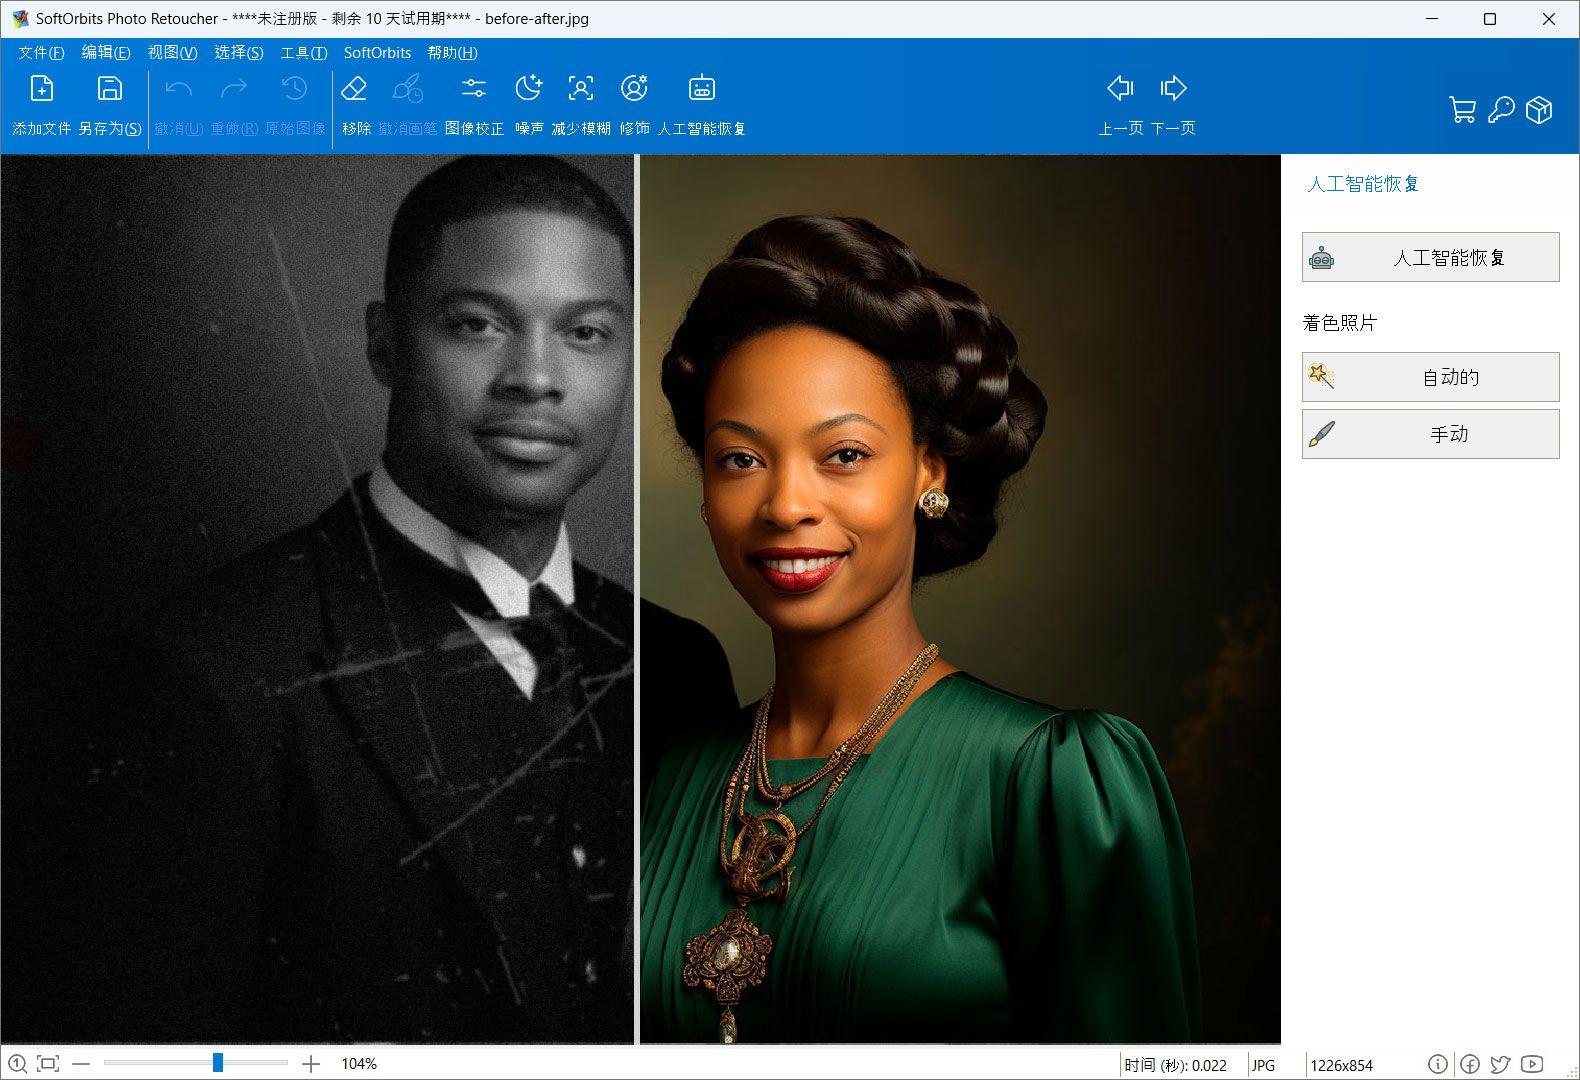 老照片修复美化软件SoftOrbits正版限免-第3张插图